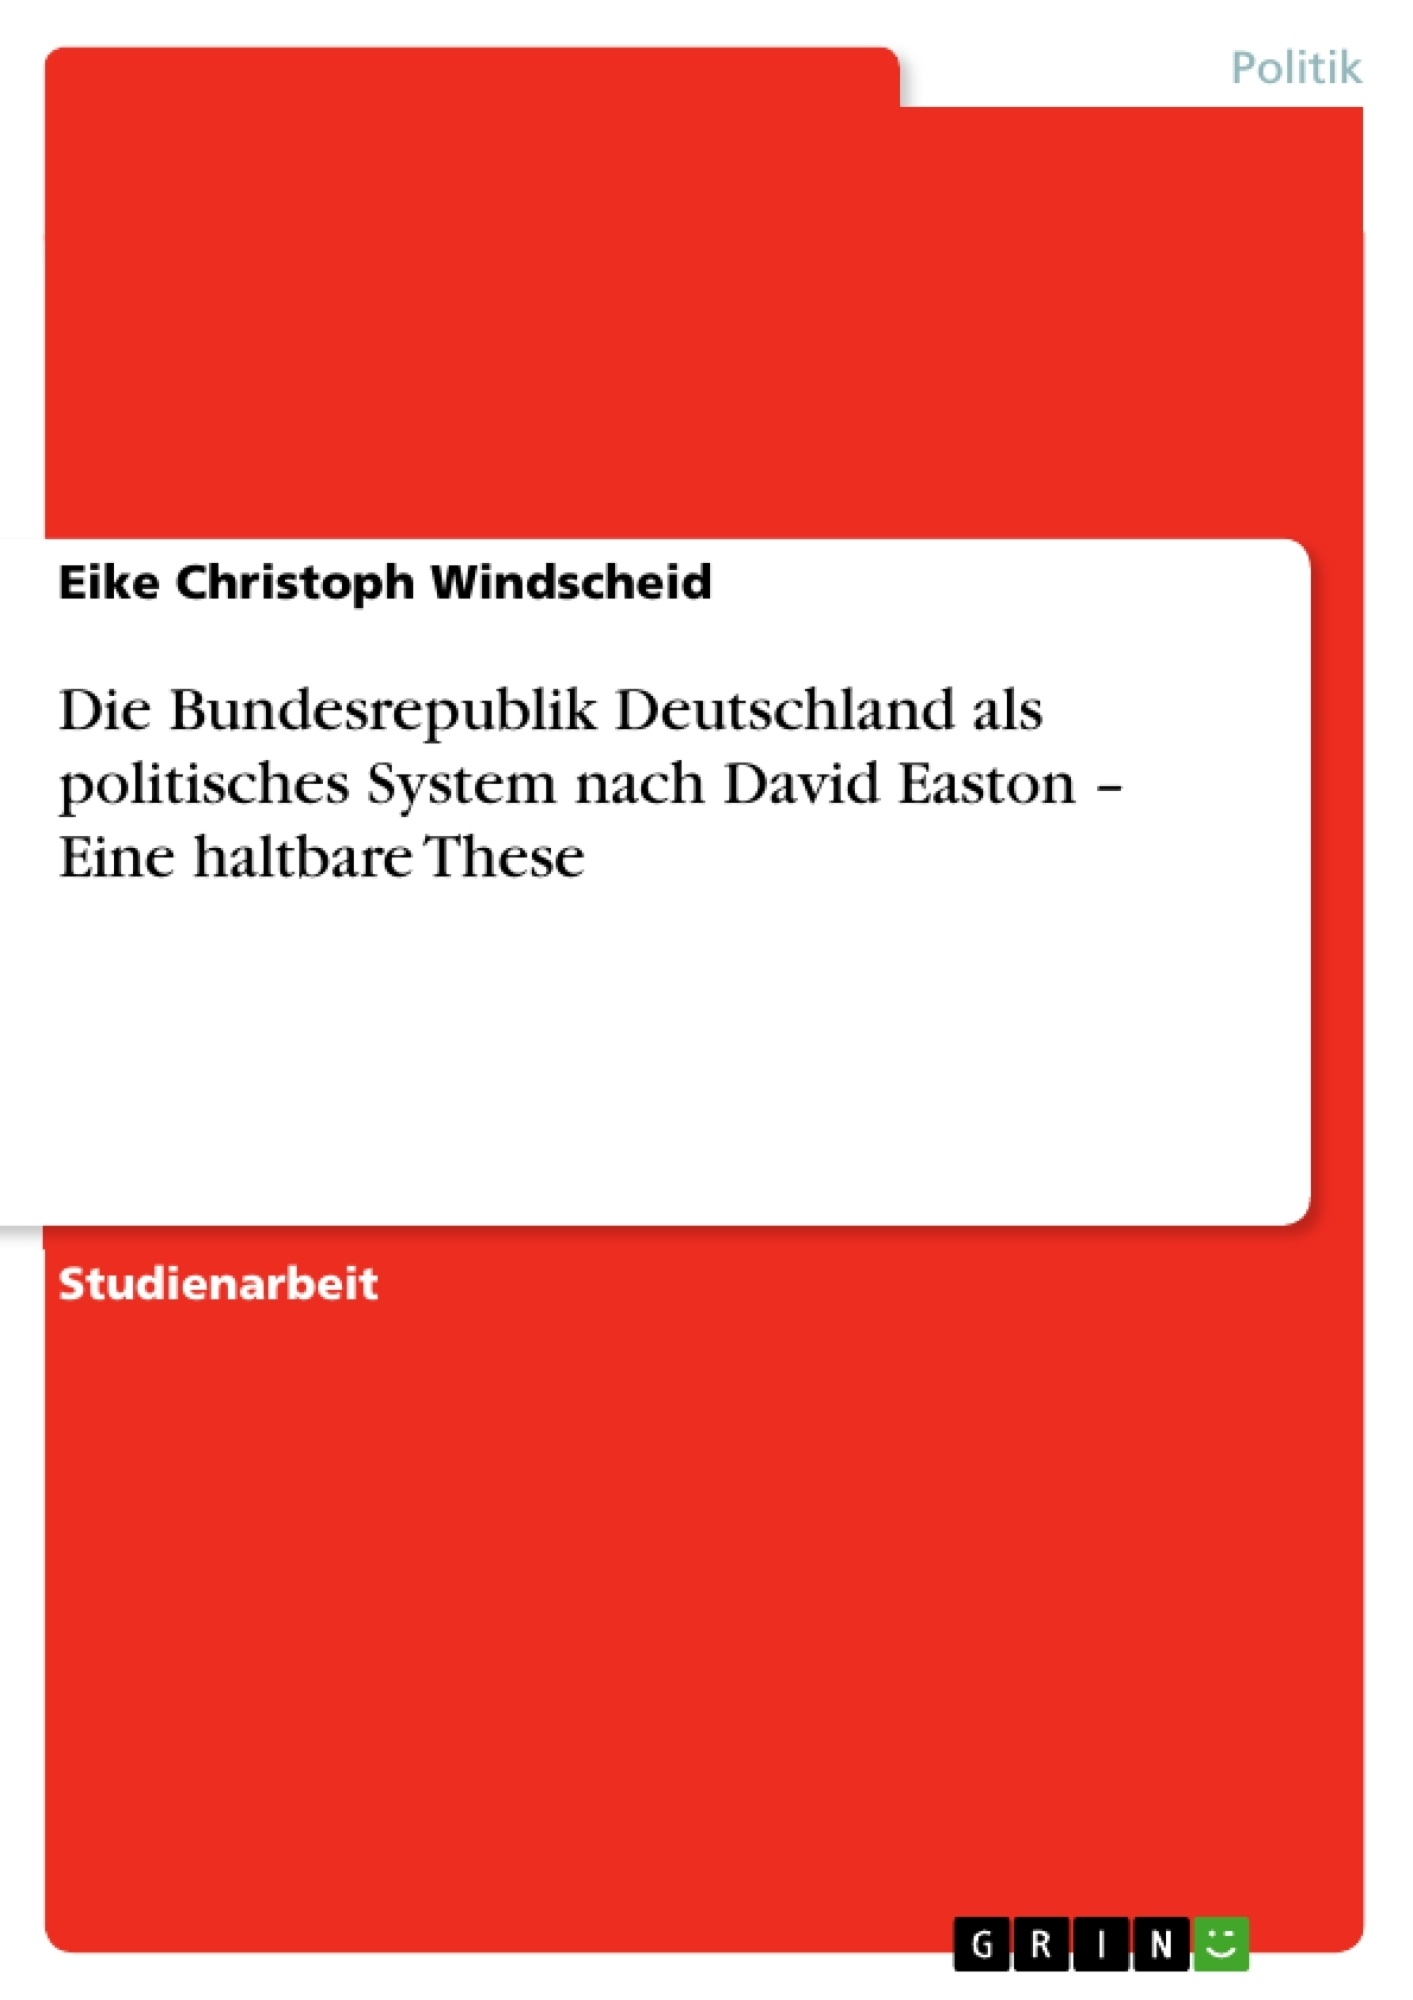 Titel: Die Bundesrepublik Deutschland als politisches System nach David Easton – Eine haltbare These